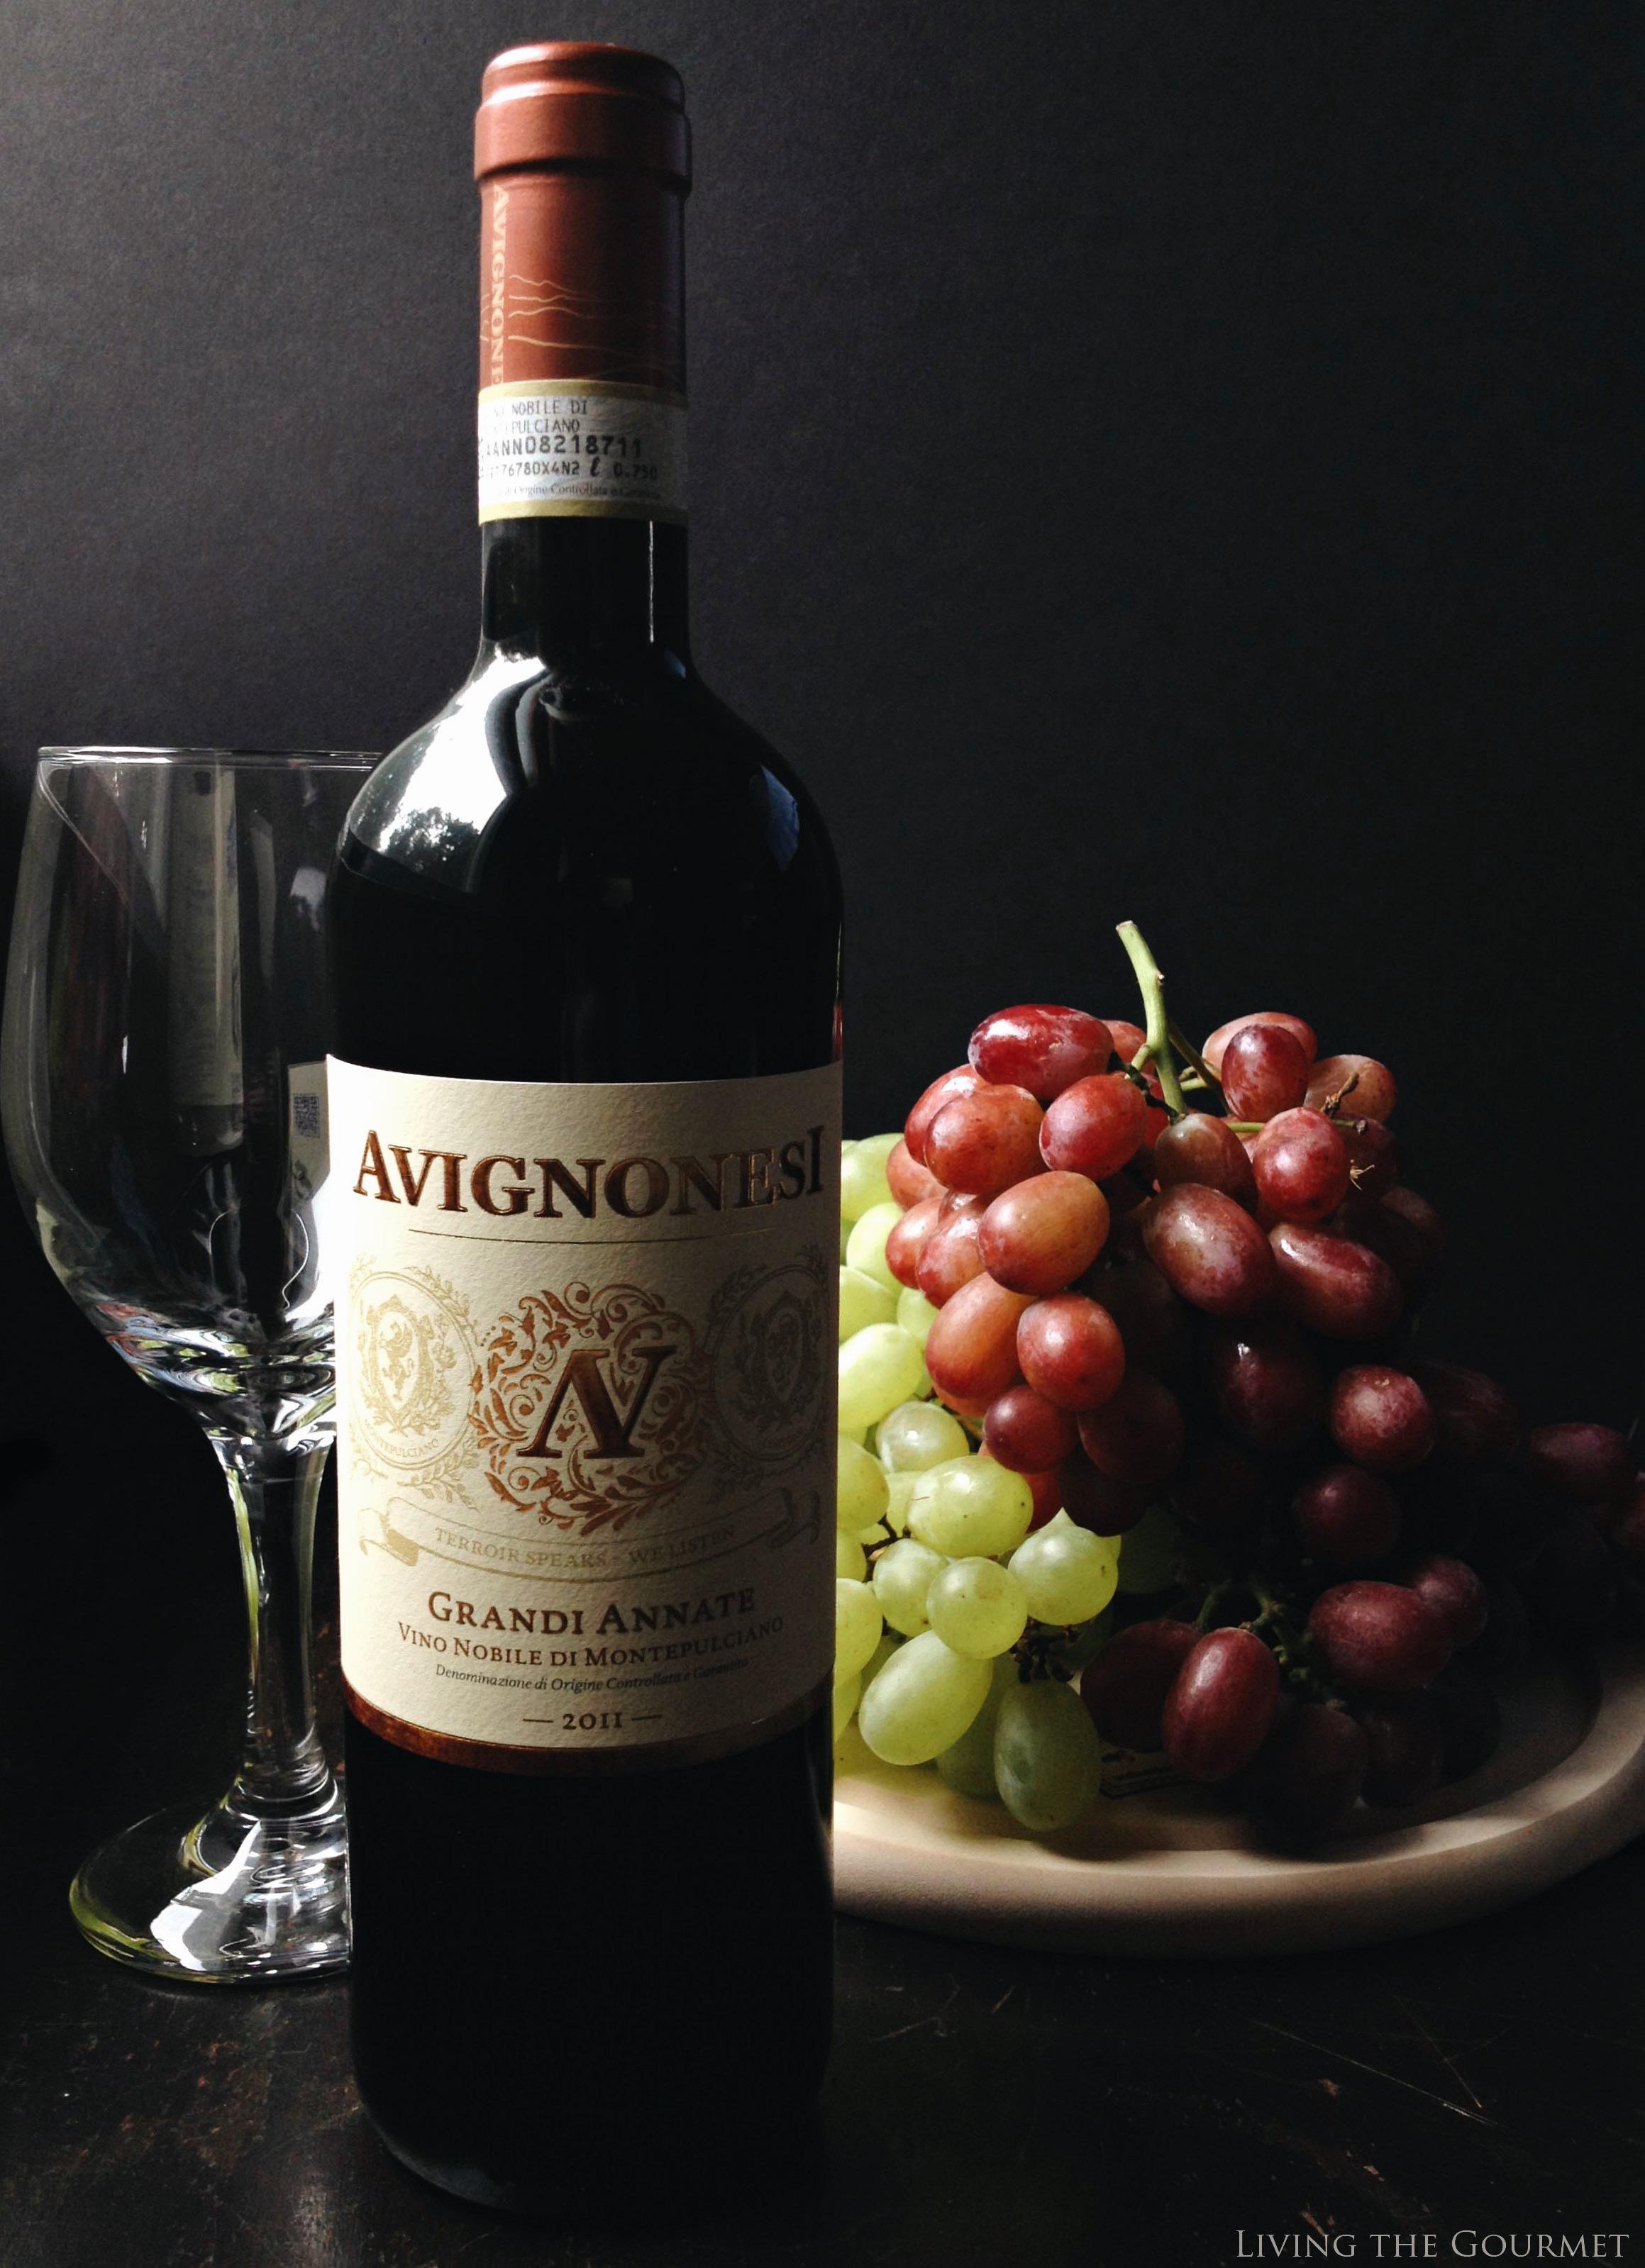 Living the Gourmet: Avignonesi Wine